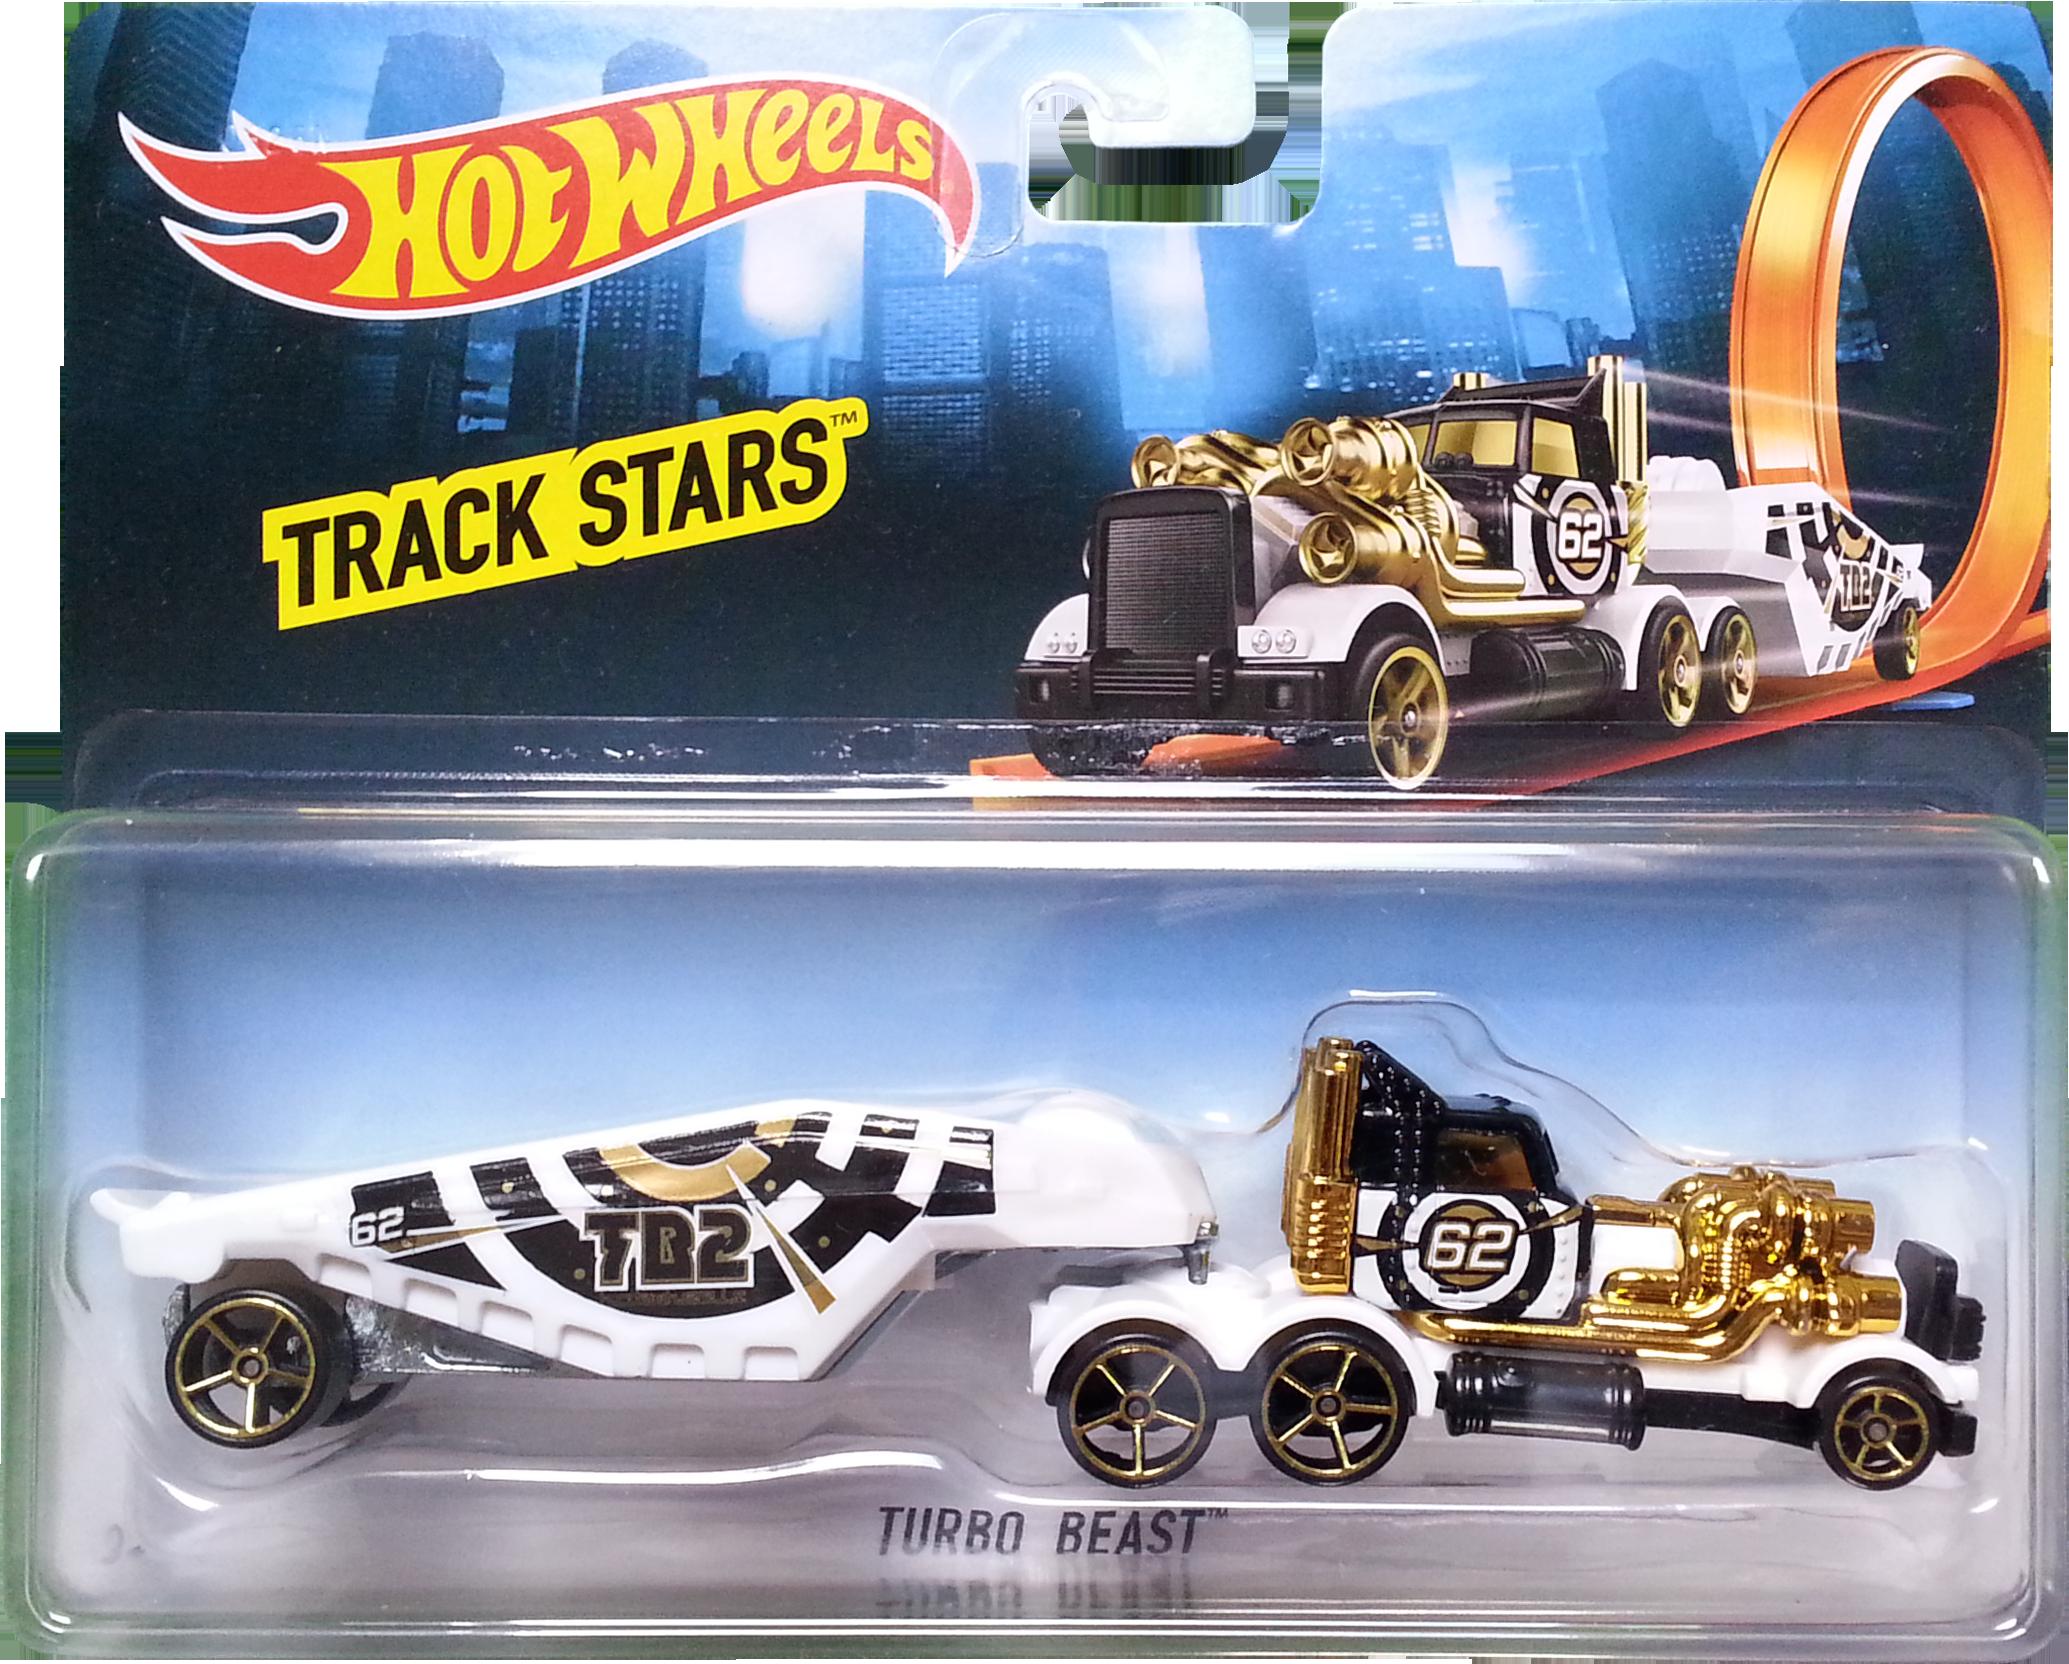 Turbo Beast